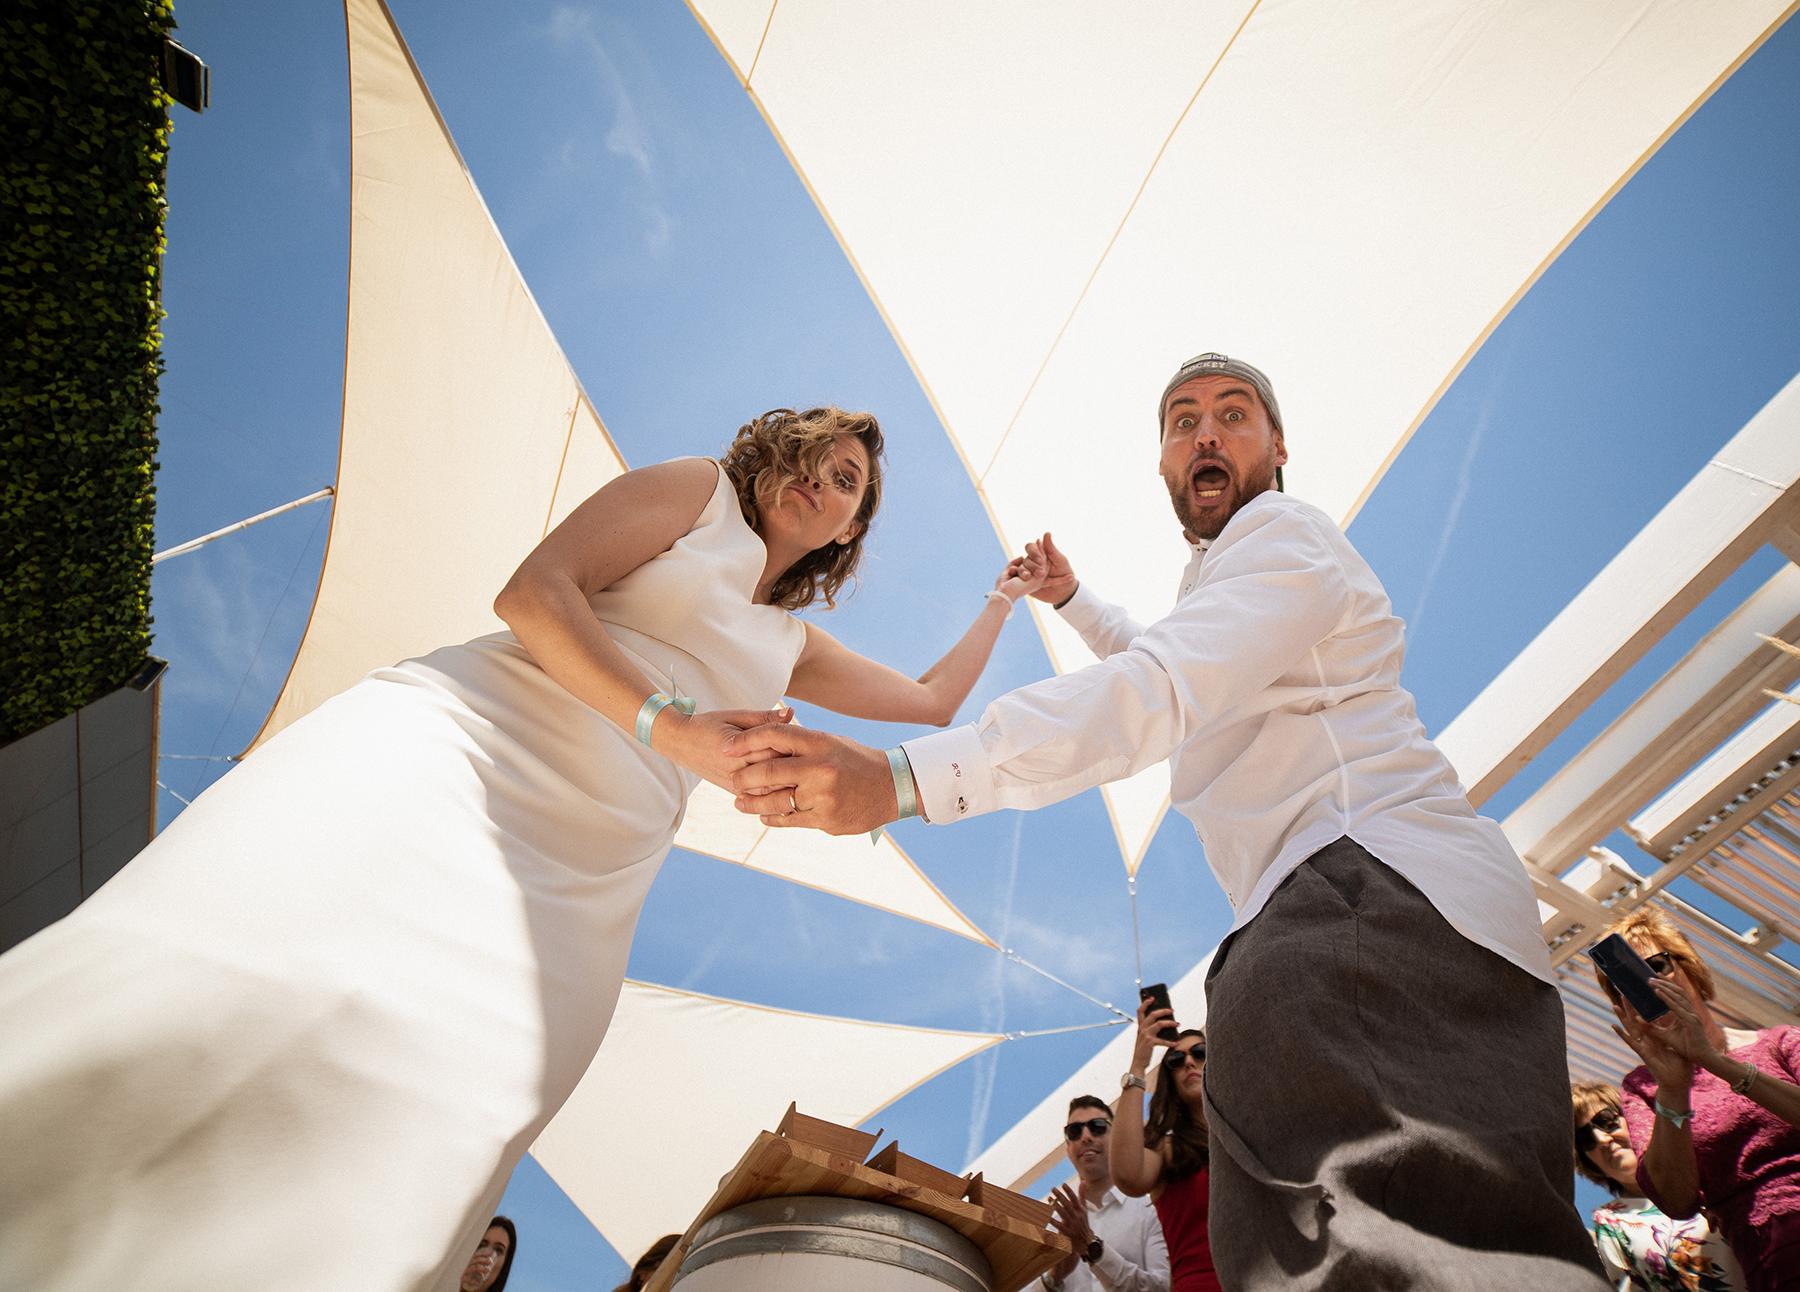 Fotos para bodas en BArcelona